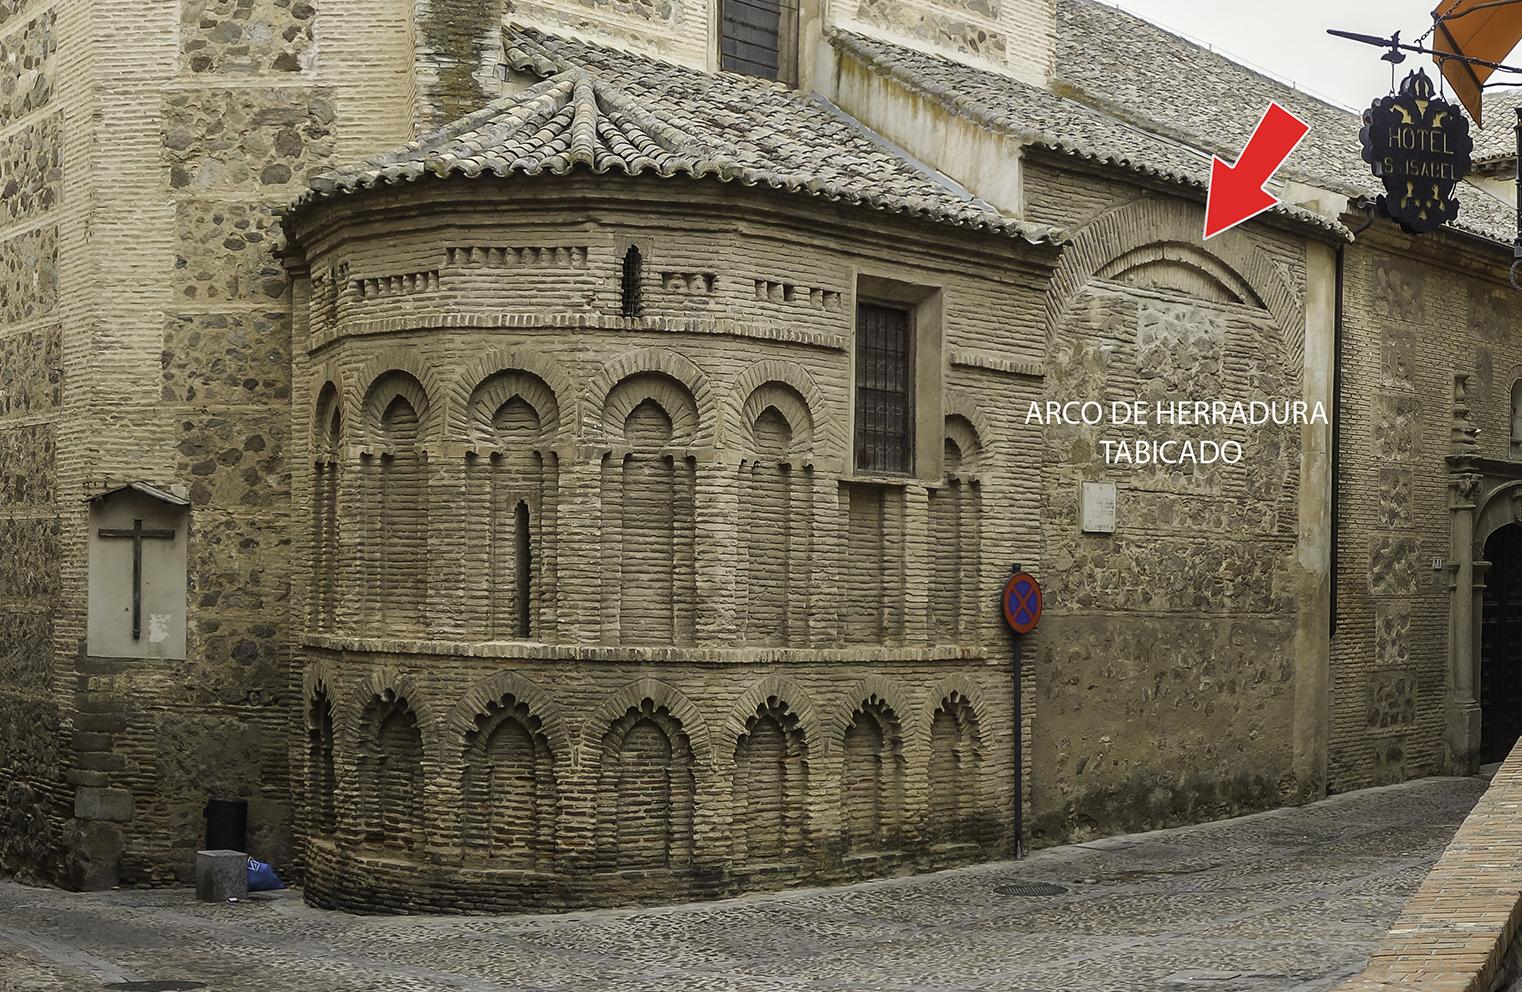 Detalle del arco de herradura tabicado existente en la fachada del Convento de Santa Isabel, en Toledo. Fotografía: Jose María Gutiérrez Arias, Sección Vivienda, Área de Gestión Patrimonial, Consorcio de la Ciudad de Toledo. Año 2019.